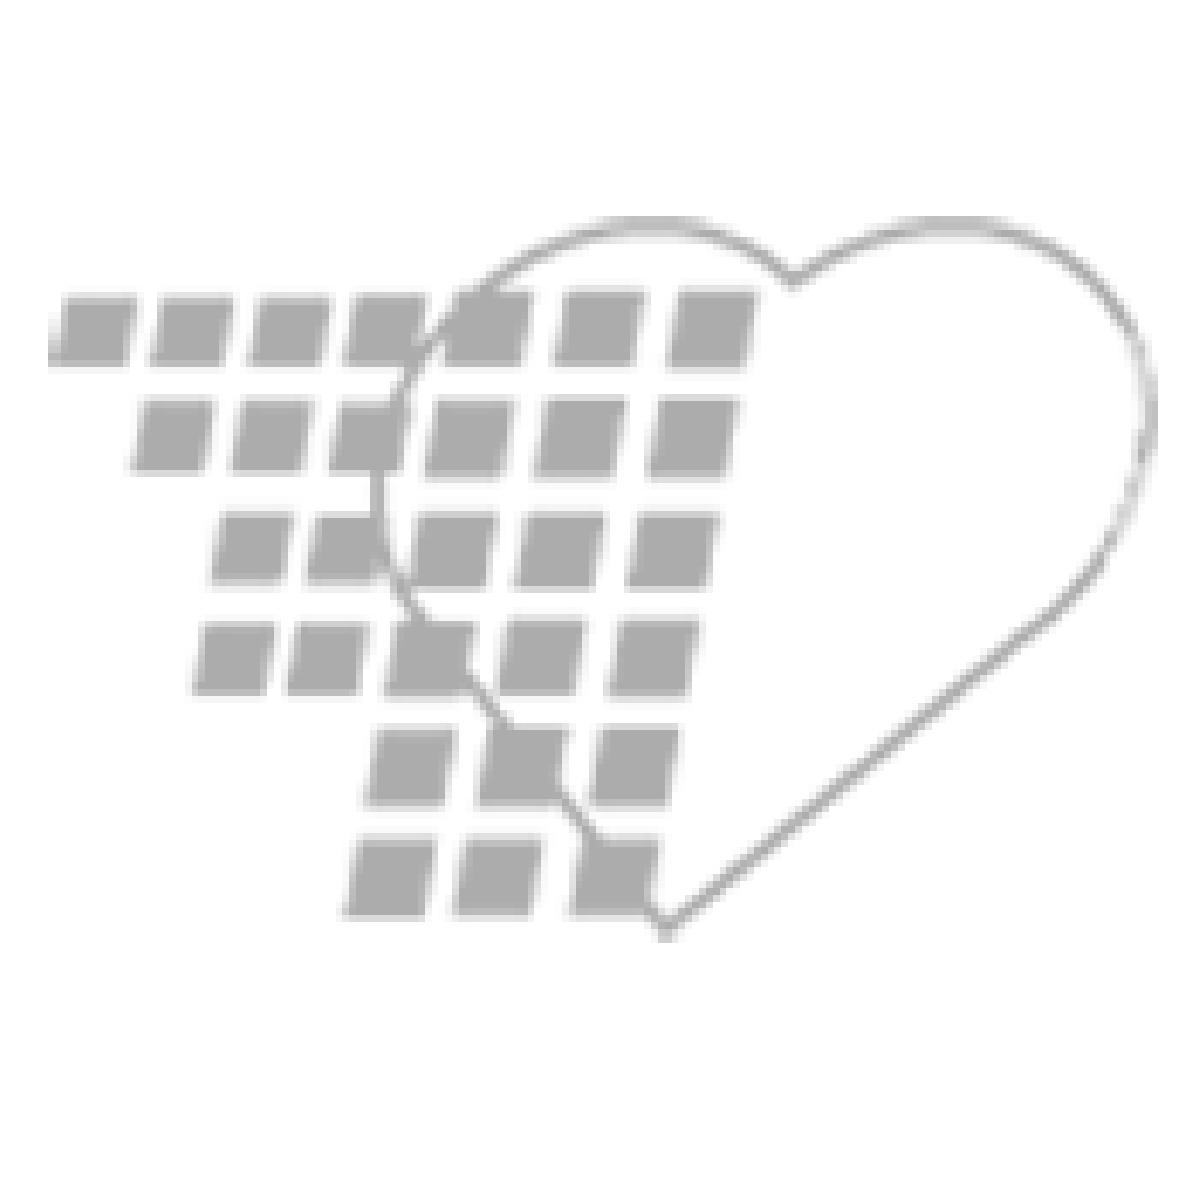 06-93-0044 - Demo Dose® HydroCHLOROthiazid (Microzid) 12.5 mg Tablets- 100 Pills/Box